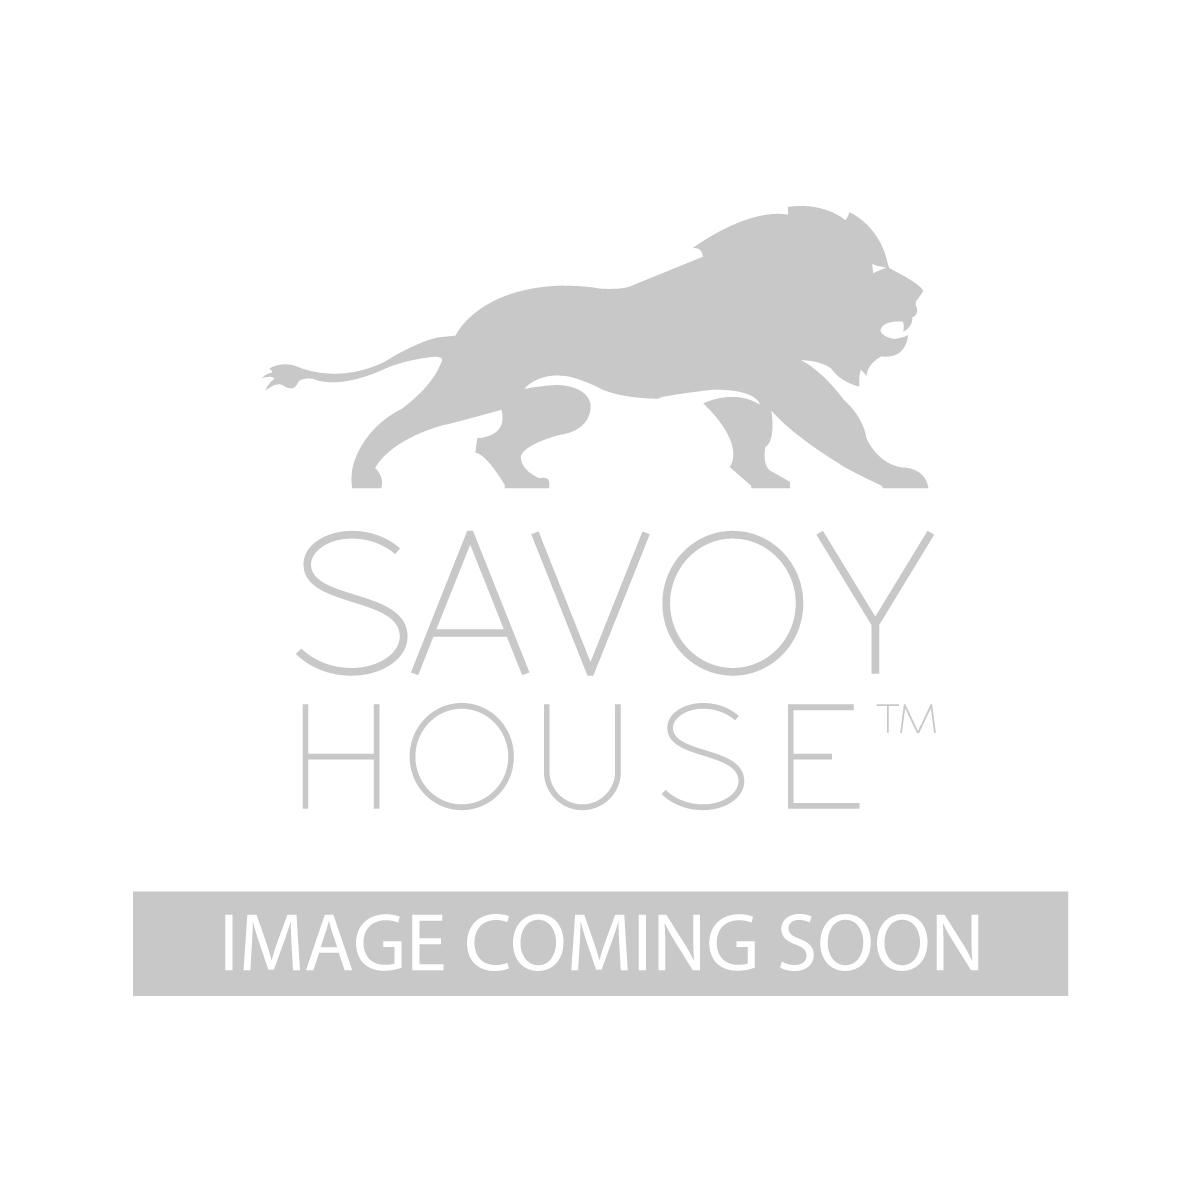 52 110 5BA 04 Danville 52 inch 5 Blade Ceiling Fan by Savoy House